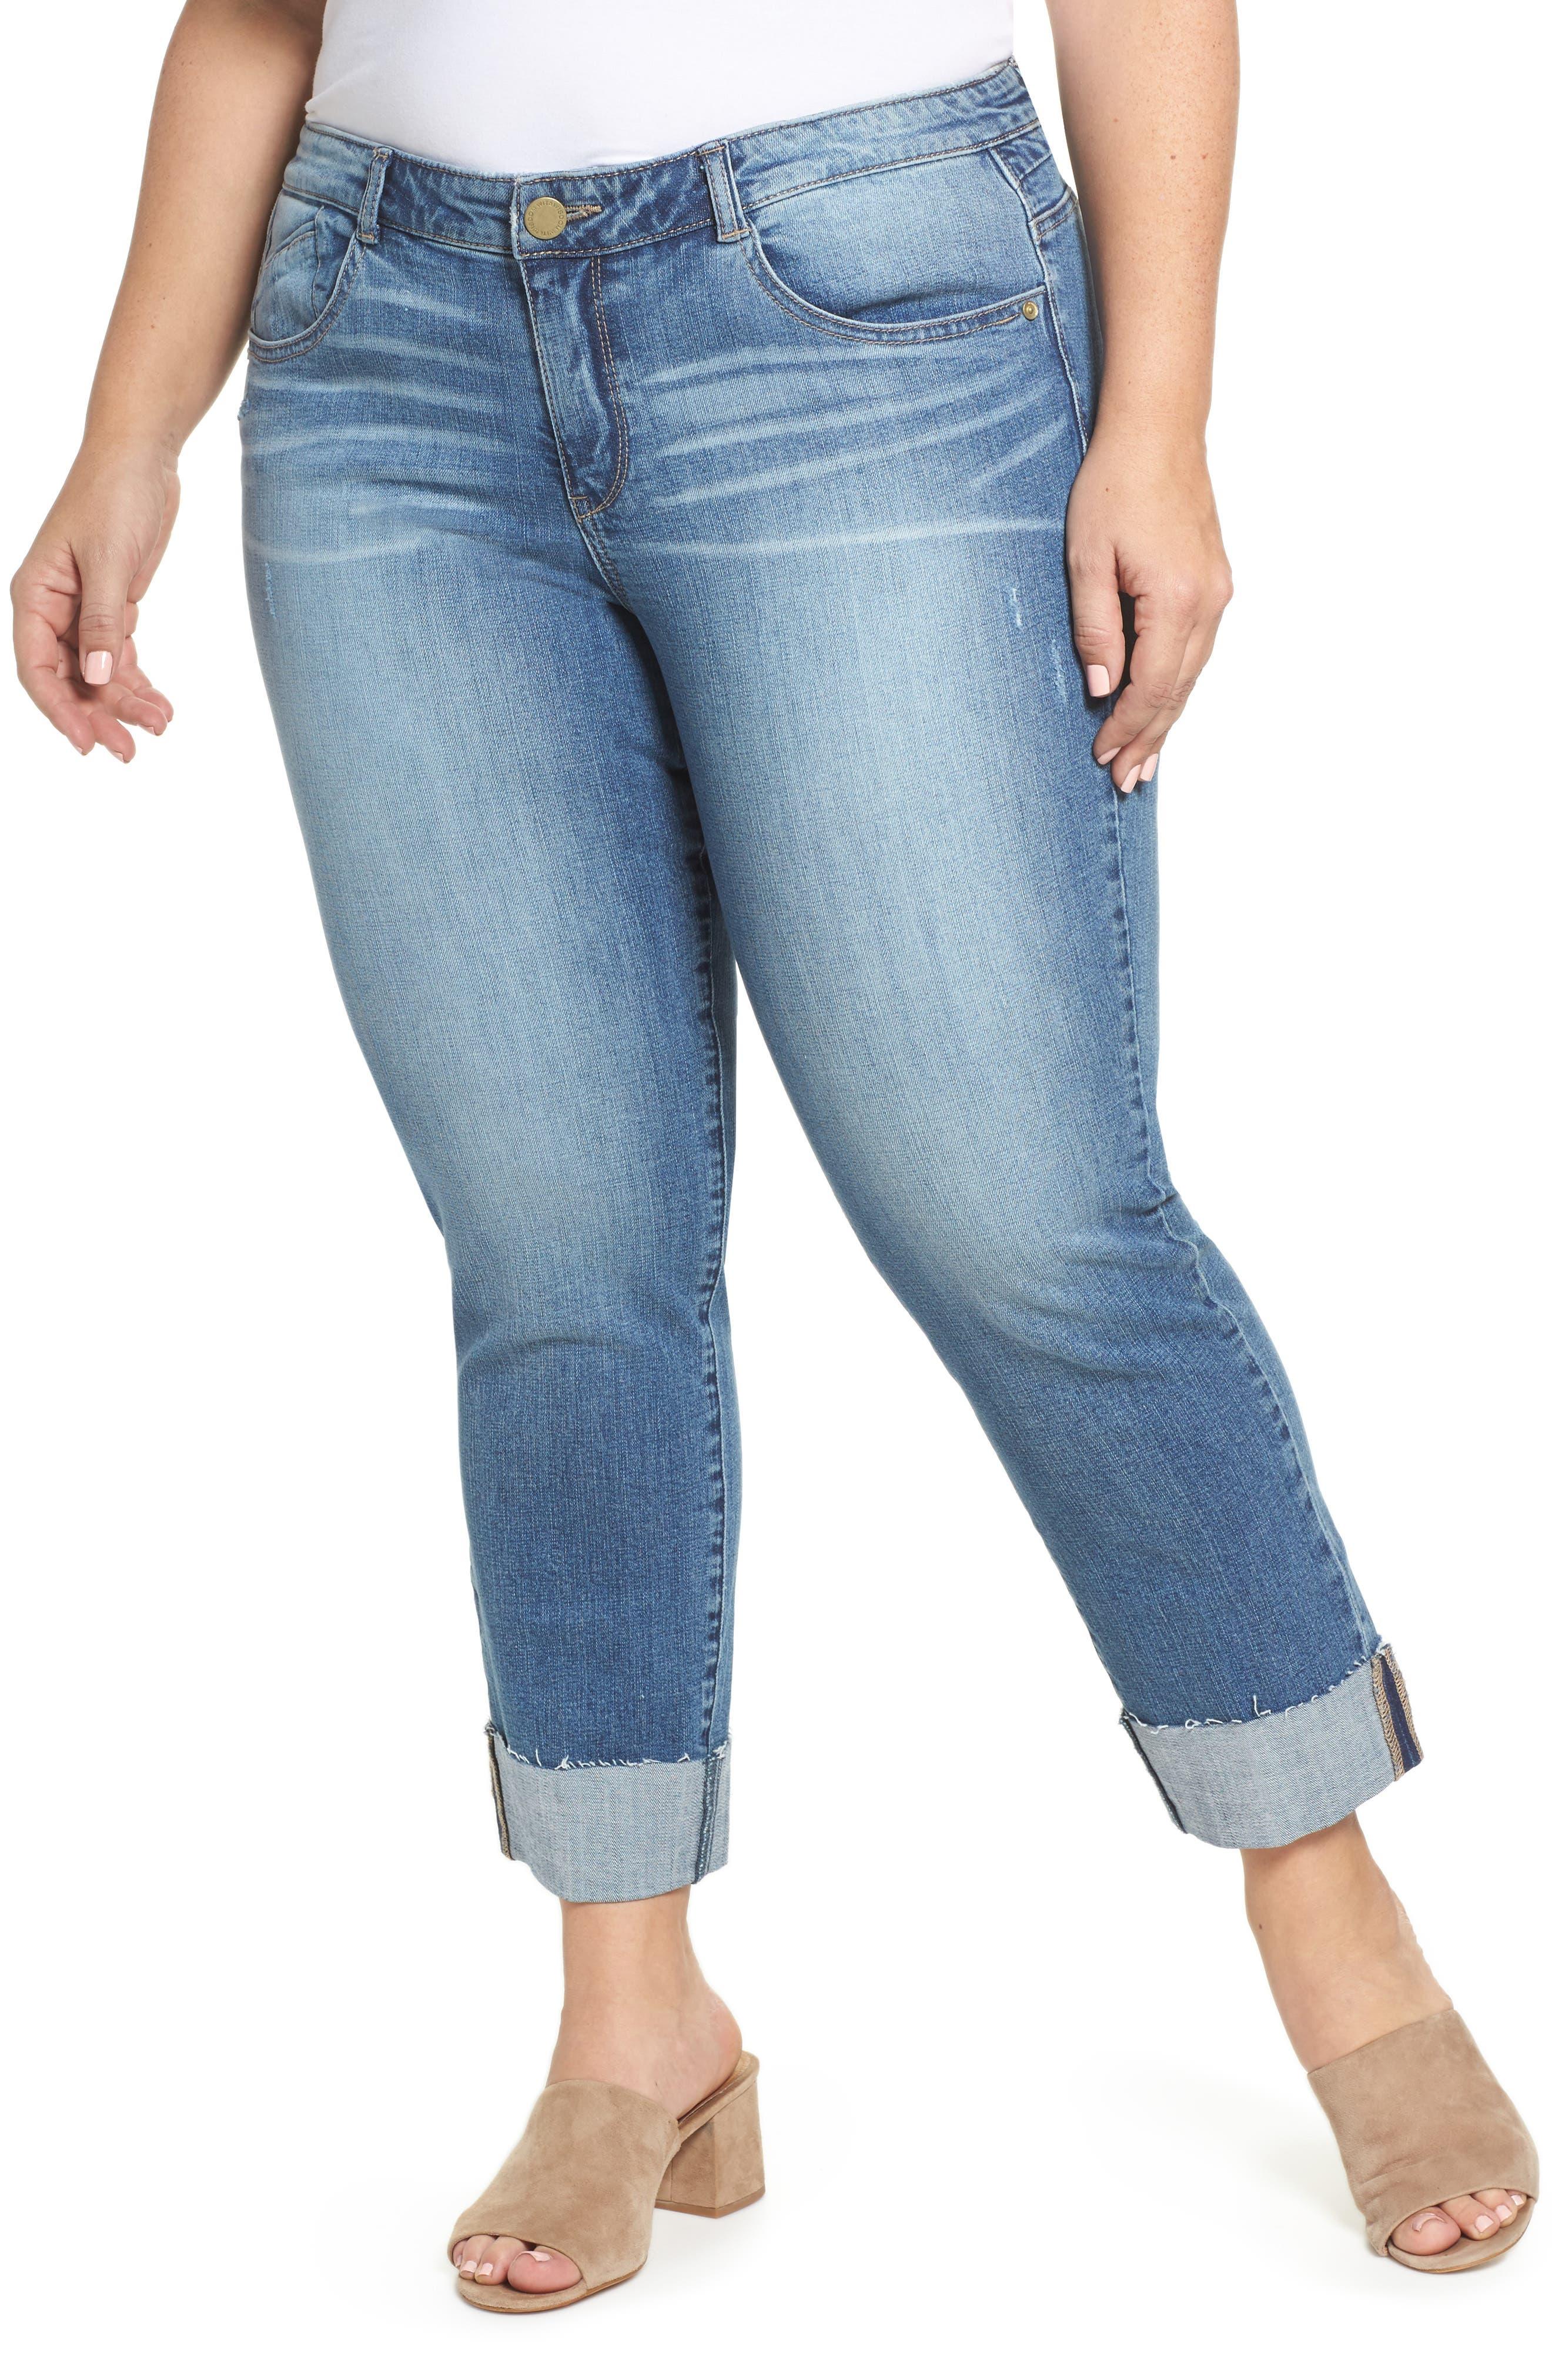 Flex-ellent Boyfriend Jeans,                             Main thumbnail 1, color,                             Blue